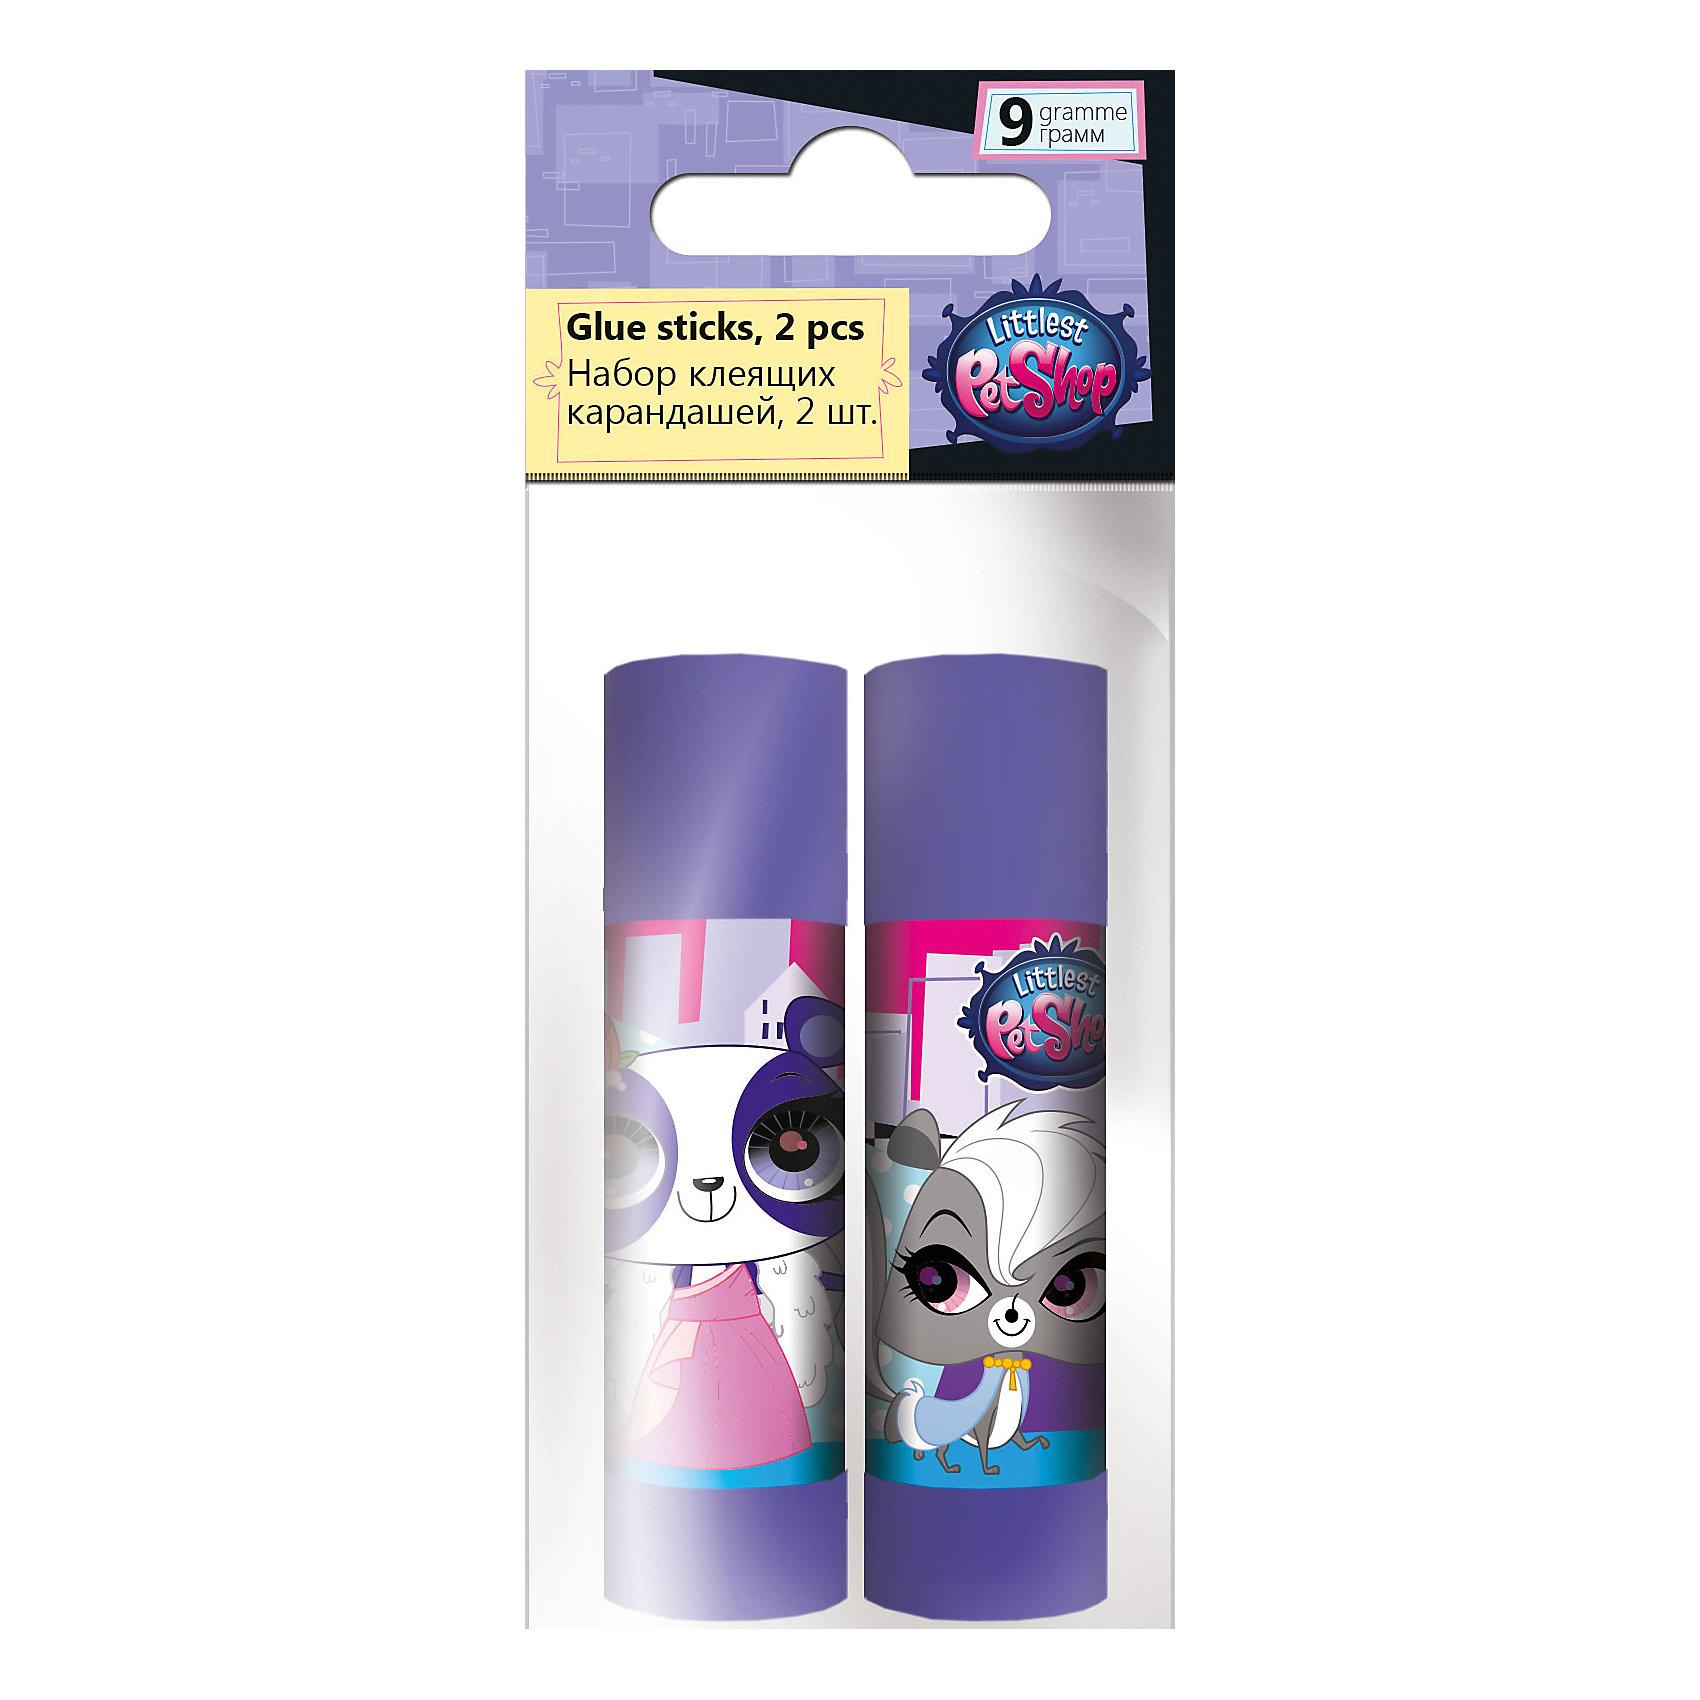 Набор клея ПВА, 2 шт. по 9 г., Littlest Pet ShopLittlest Pet Shop Товары для школы<br>Набор клея ПВА, Littlest Pet Shop, прекрасно подойдет для склеивания всех видов бумаги и картона. В комплекте два пластиковых флакона фиолетовой расцветки, украшенных изображением забавных зверюшек из популярного мультсериала Маленький зоомагазин. Клей белого цвета легко наносится. Упаковка - ПП пакет с подвесом.<br><br><br>Дополнительная информация:<br><br>- В комплекте: 2 флакона по 9 гр.<br>- Размер упаковки: 12 х 2 х 5 см.<br>- Вес: 38 гр.<br><br>Набор клея ПВА, 2 шт. по 9 г., Littlest Pet Shop, можно купить в нашем интернет-магазине.<br><br>Ширина мм: 20<br>Глубина мм: 50<br>Высота мм: 120<br>Вес г: 38<br>Возраст от месяцев: 60<br>Возраст до месяцев: 84<br>Пол: Женский<br>Возраст: Детский<br>SKU: 4681065